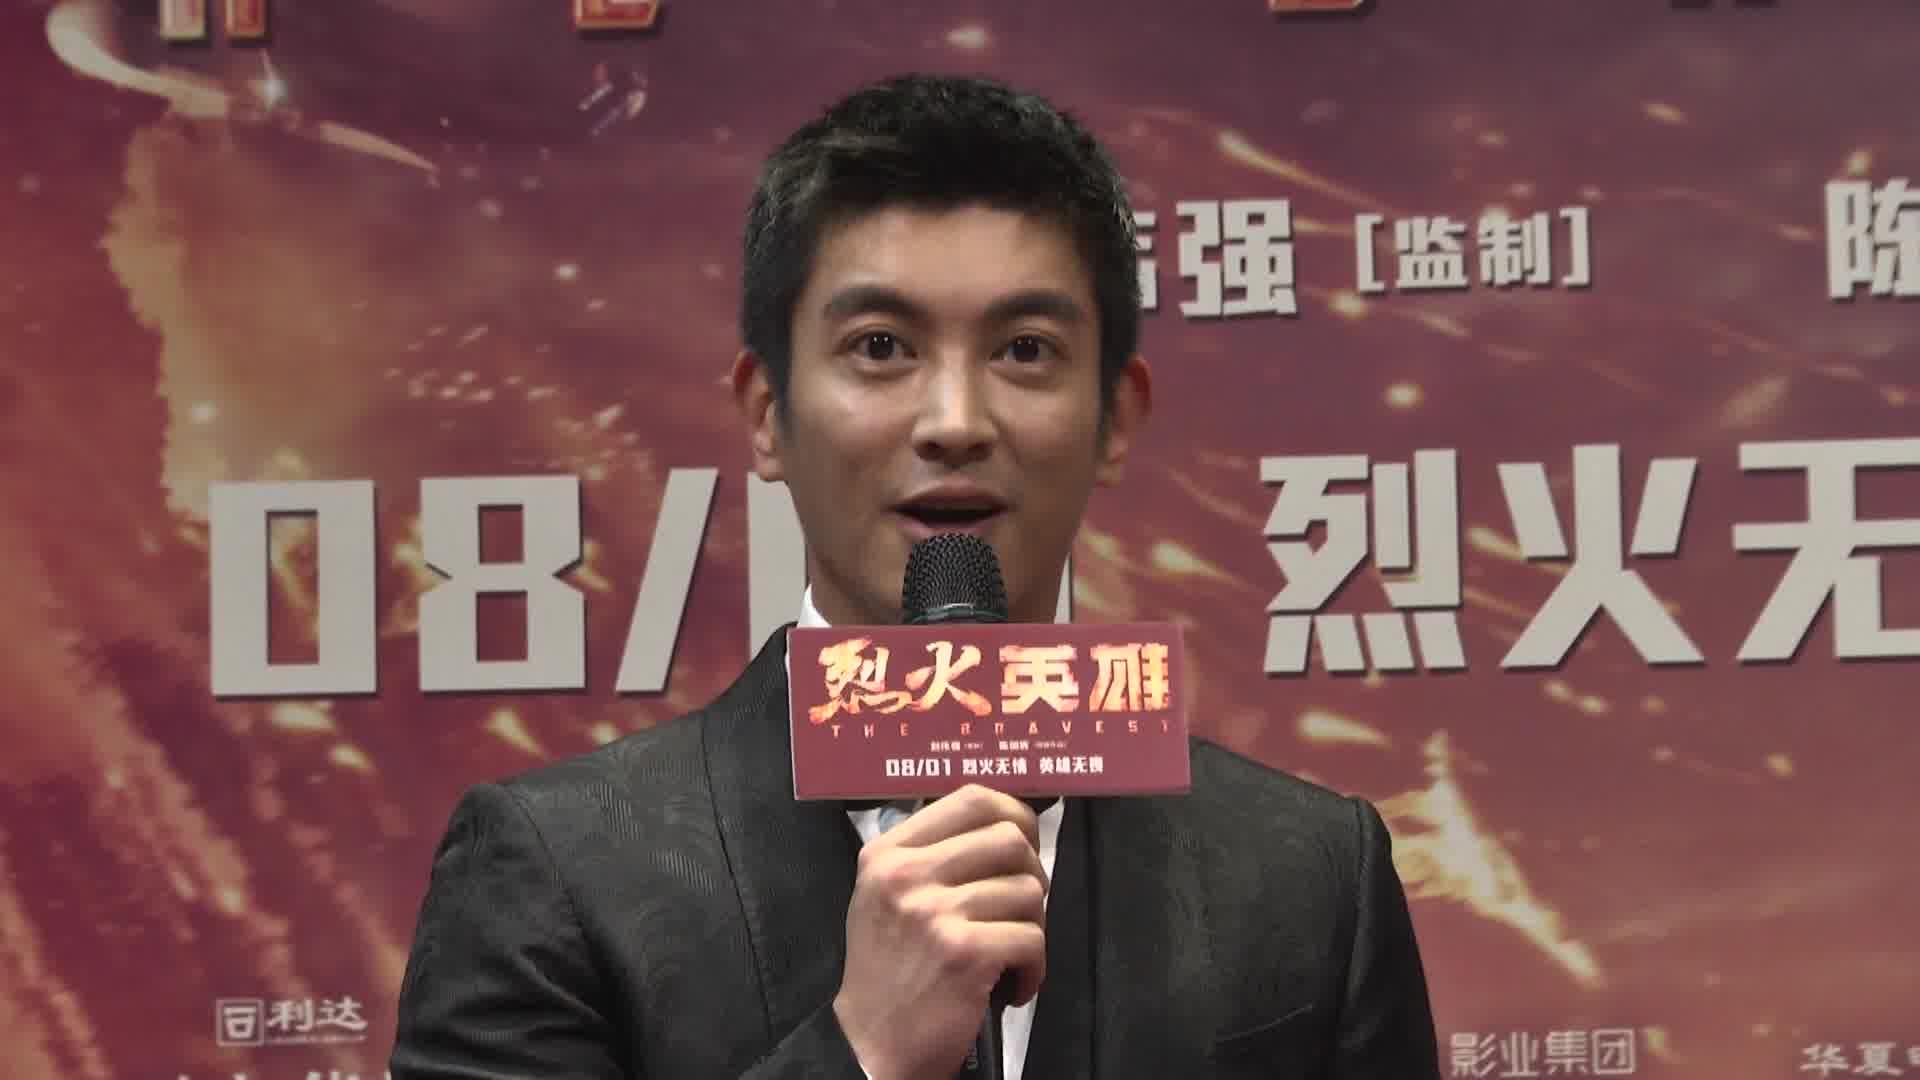 杜江为观众推荐电影《烈火英雄》